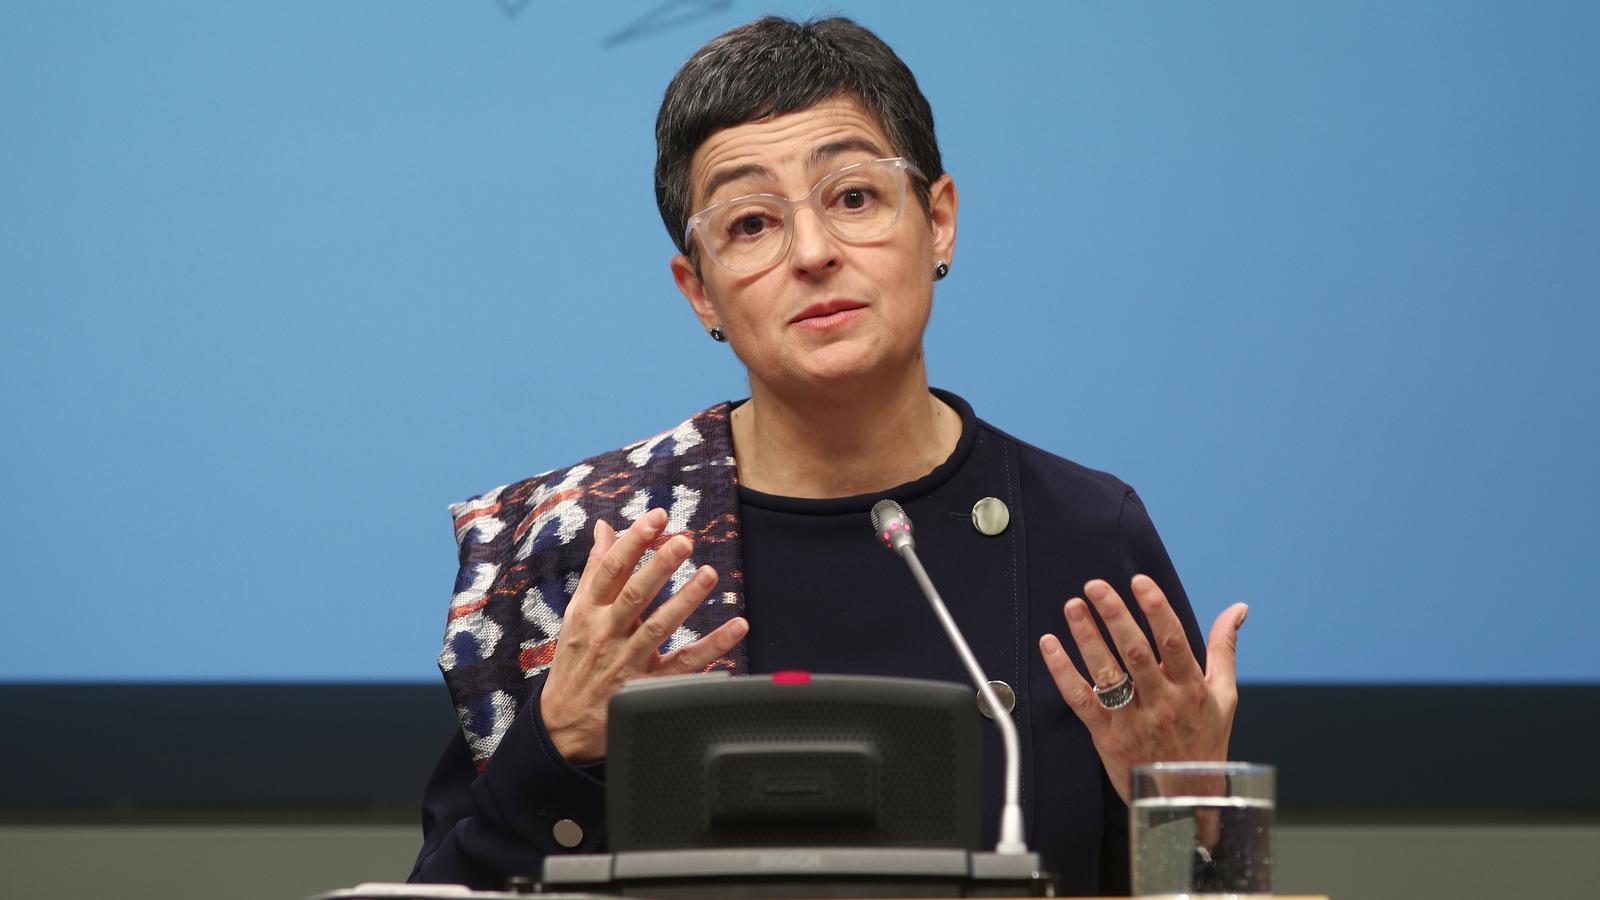 El govern espanyol continua negociant perquè les Balears i les Canàries tinguin turisme durant l'hivern